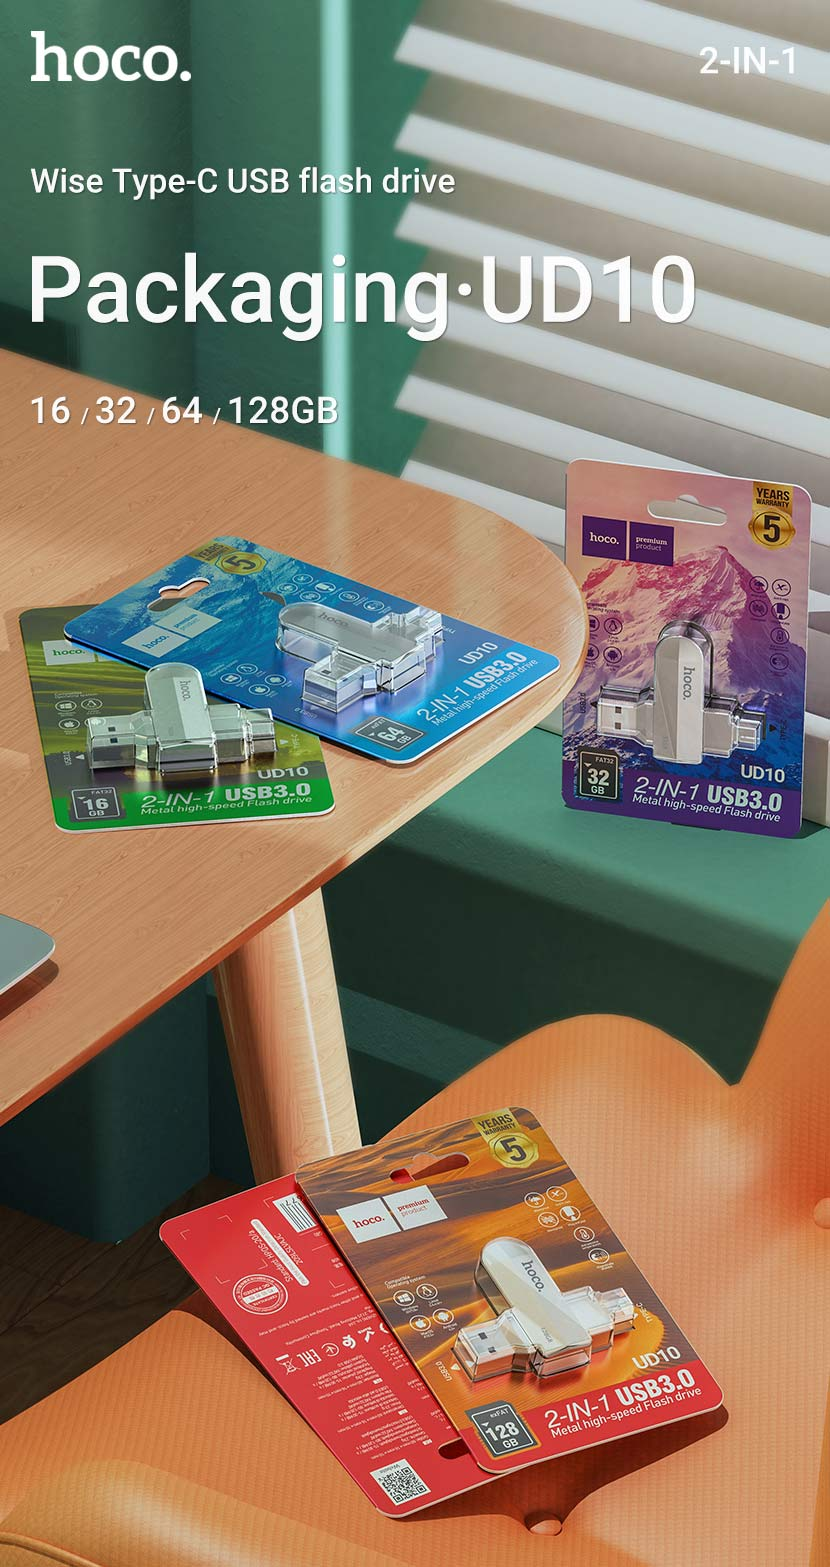 hoco news ud10 wise type c usb flash drive package en